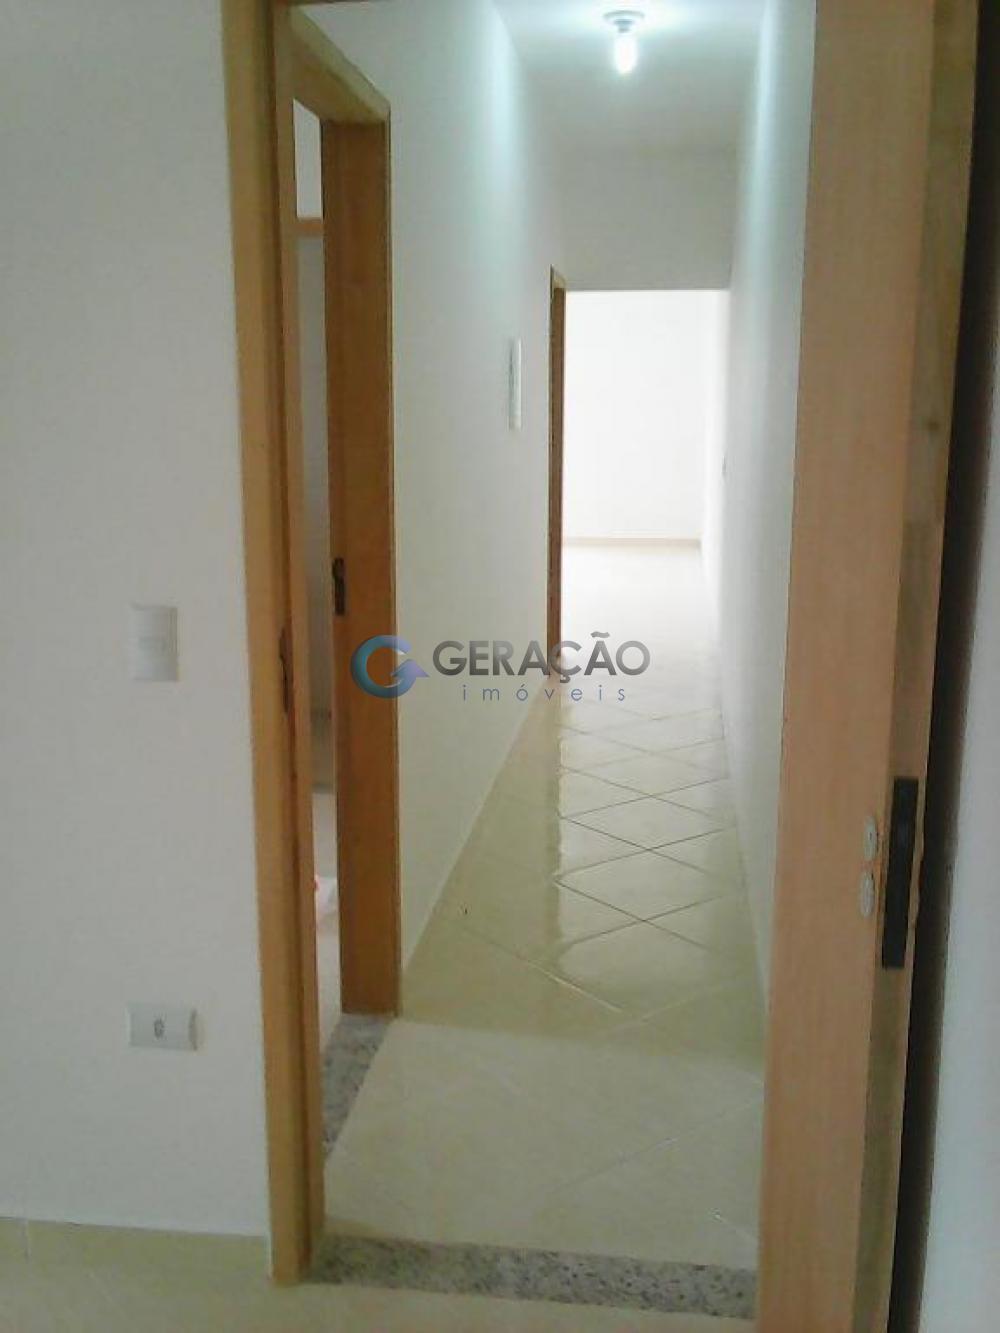 Comprar Casa / Padrão em São José dos Campos R$ 255.000,00 - Foto 4